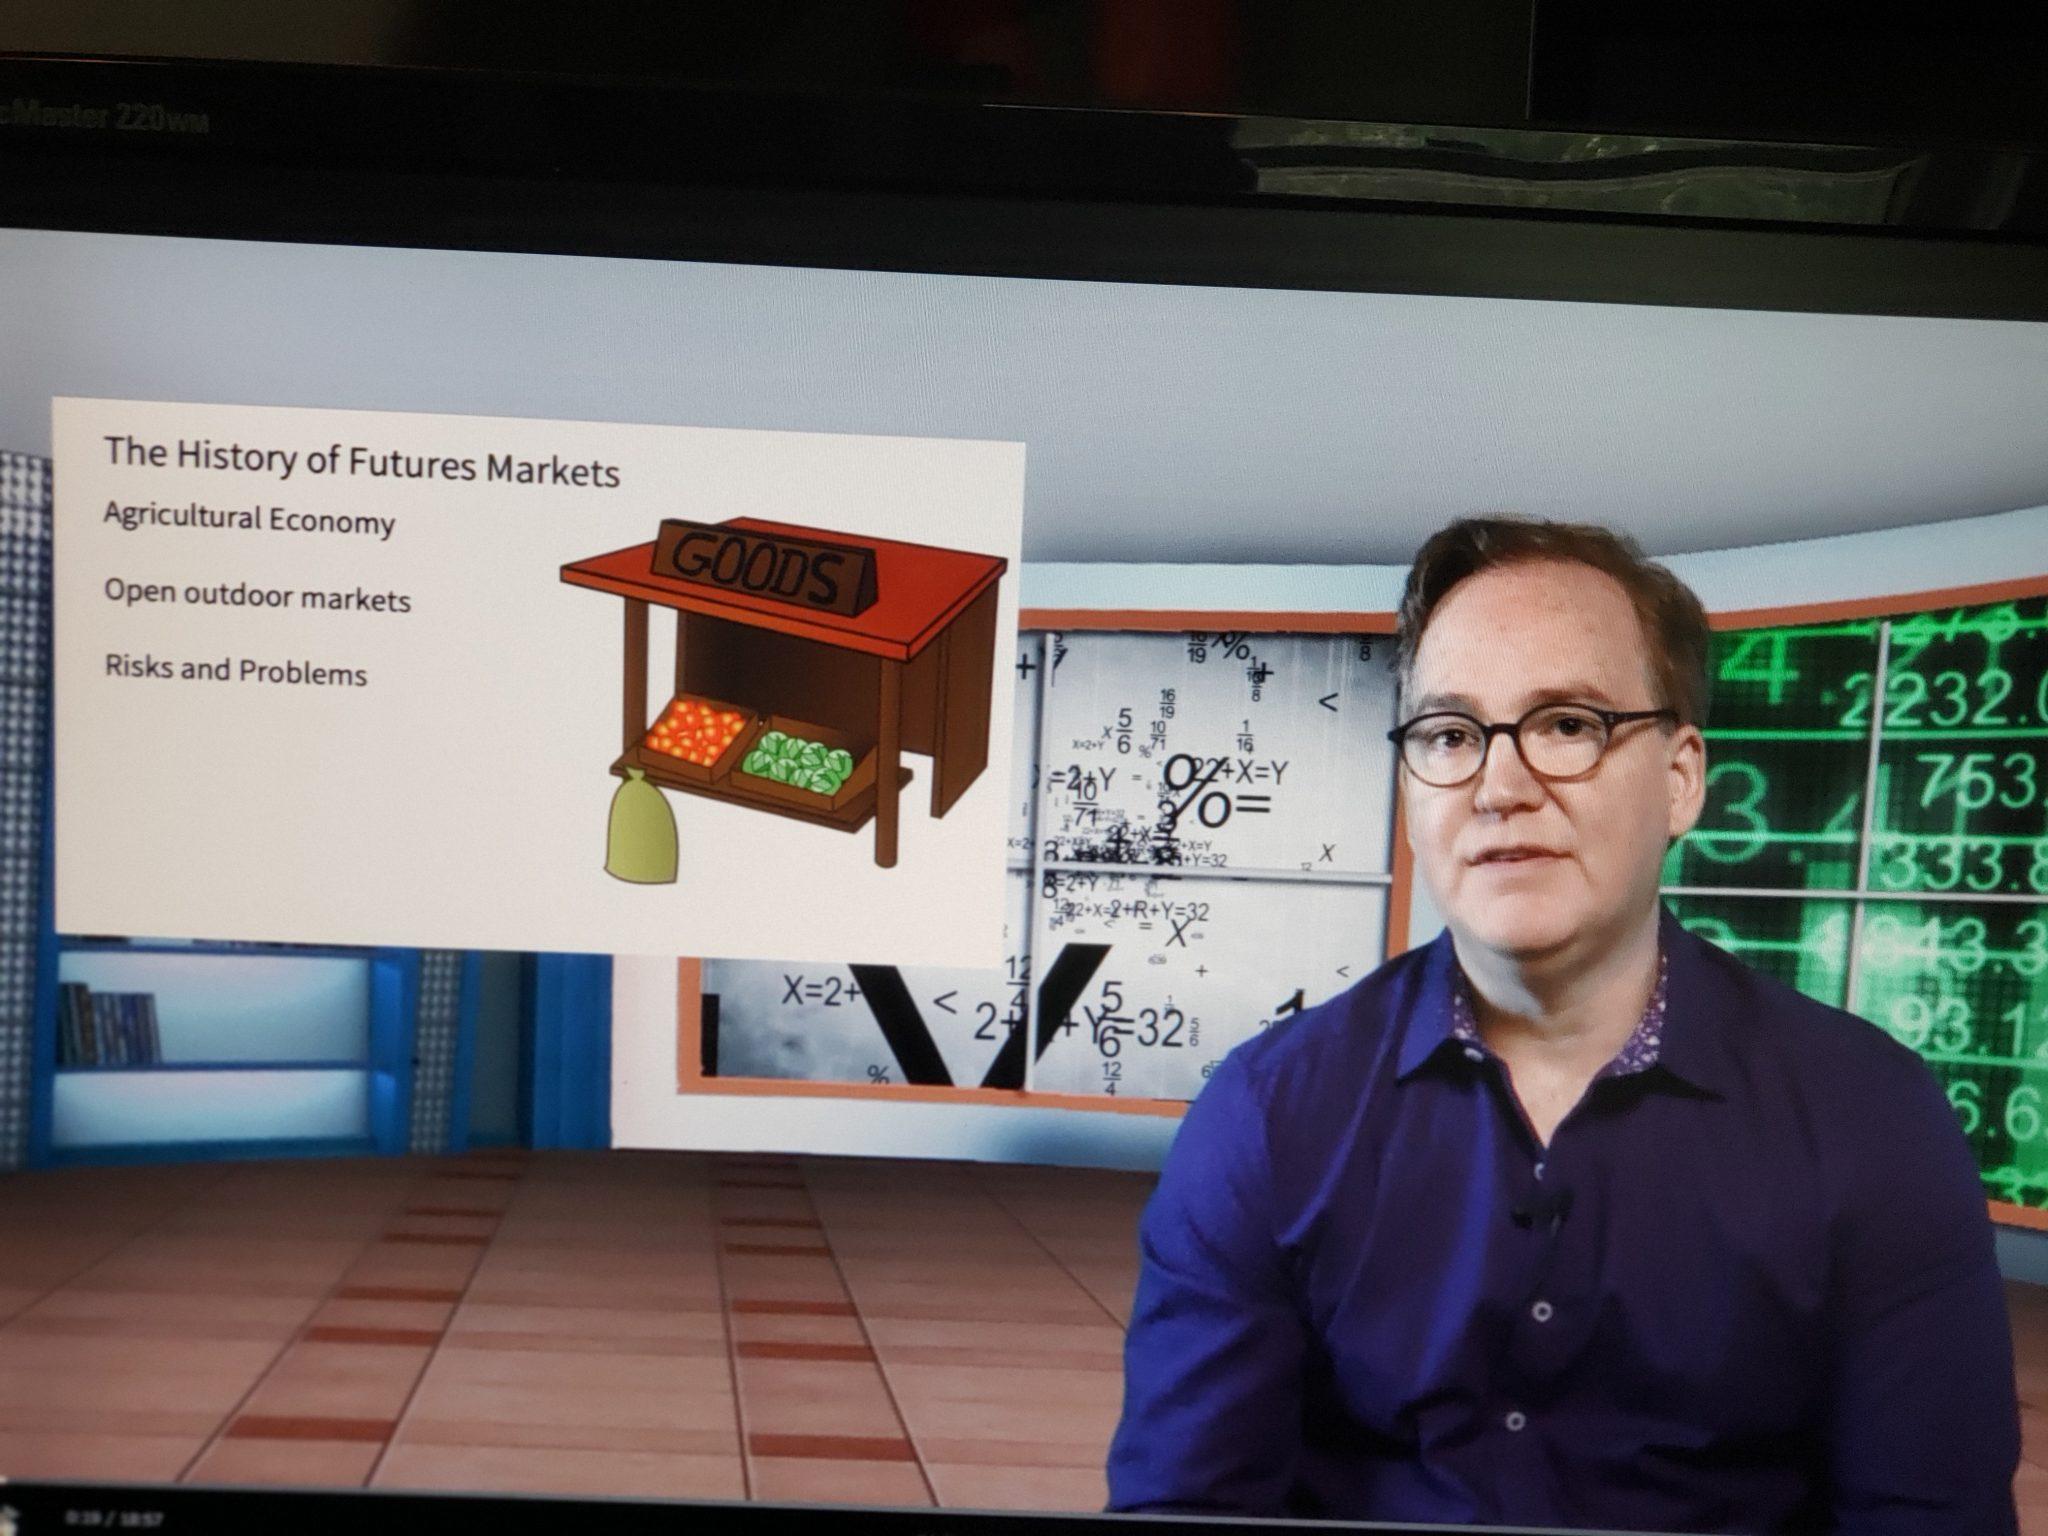 Series 3 Online Video Class